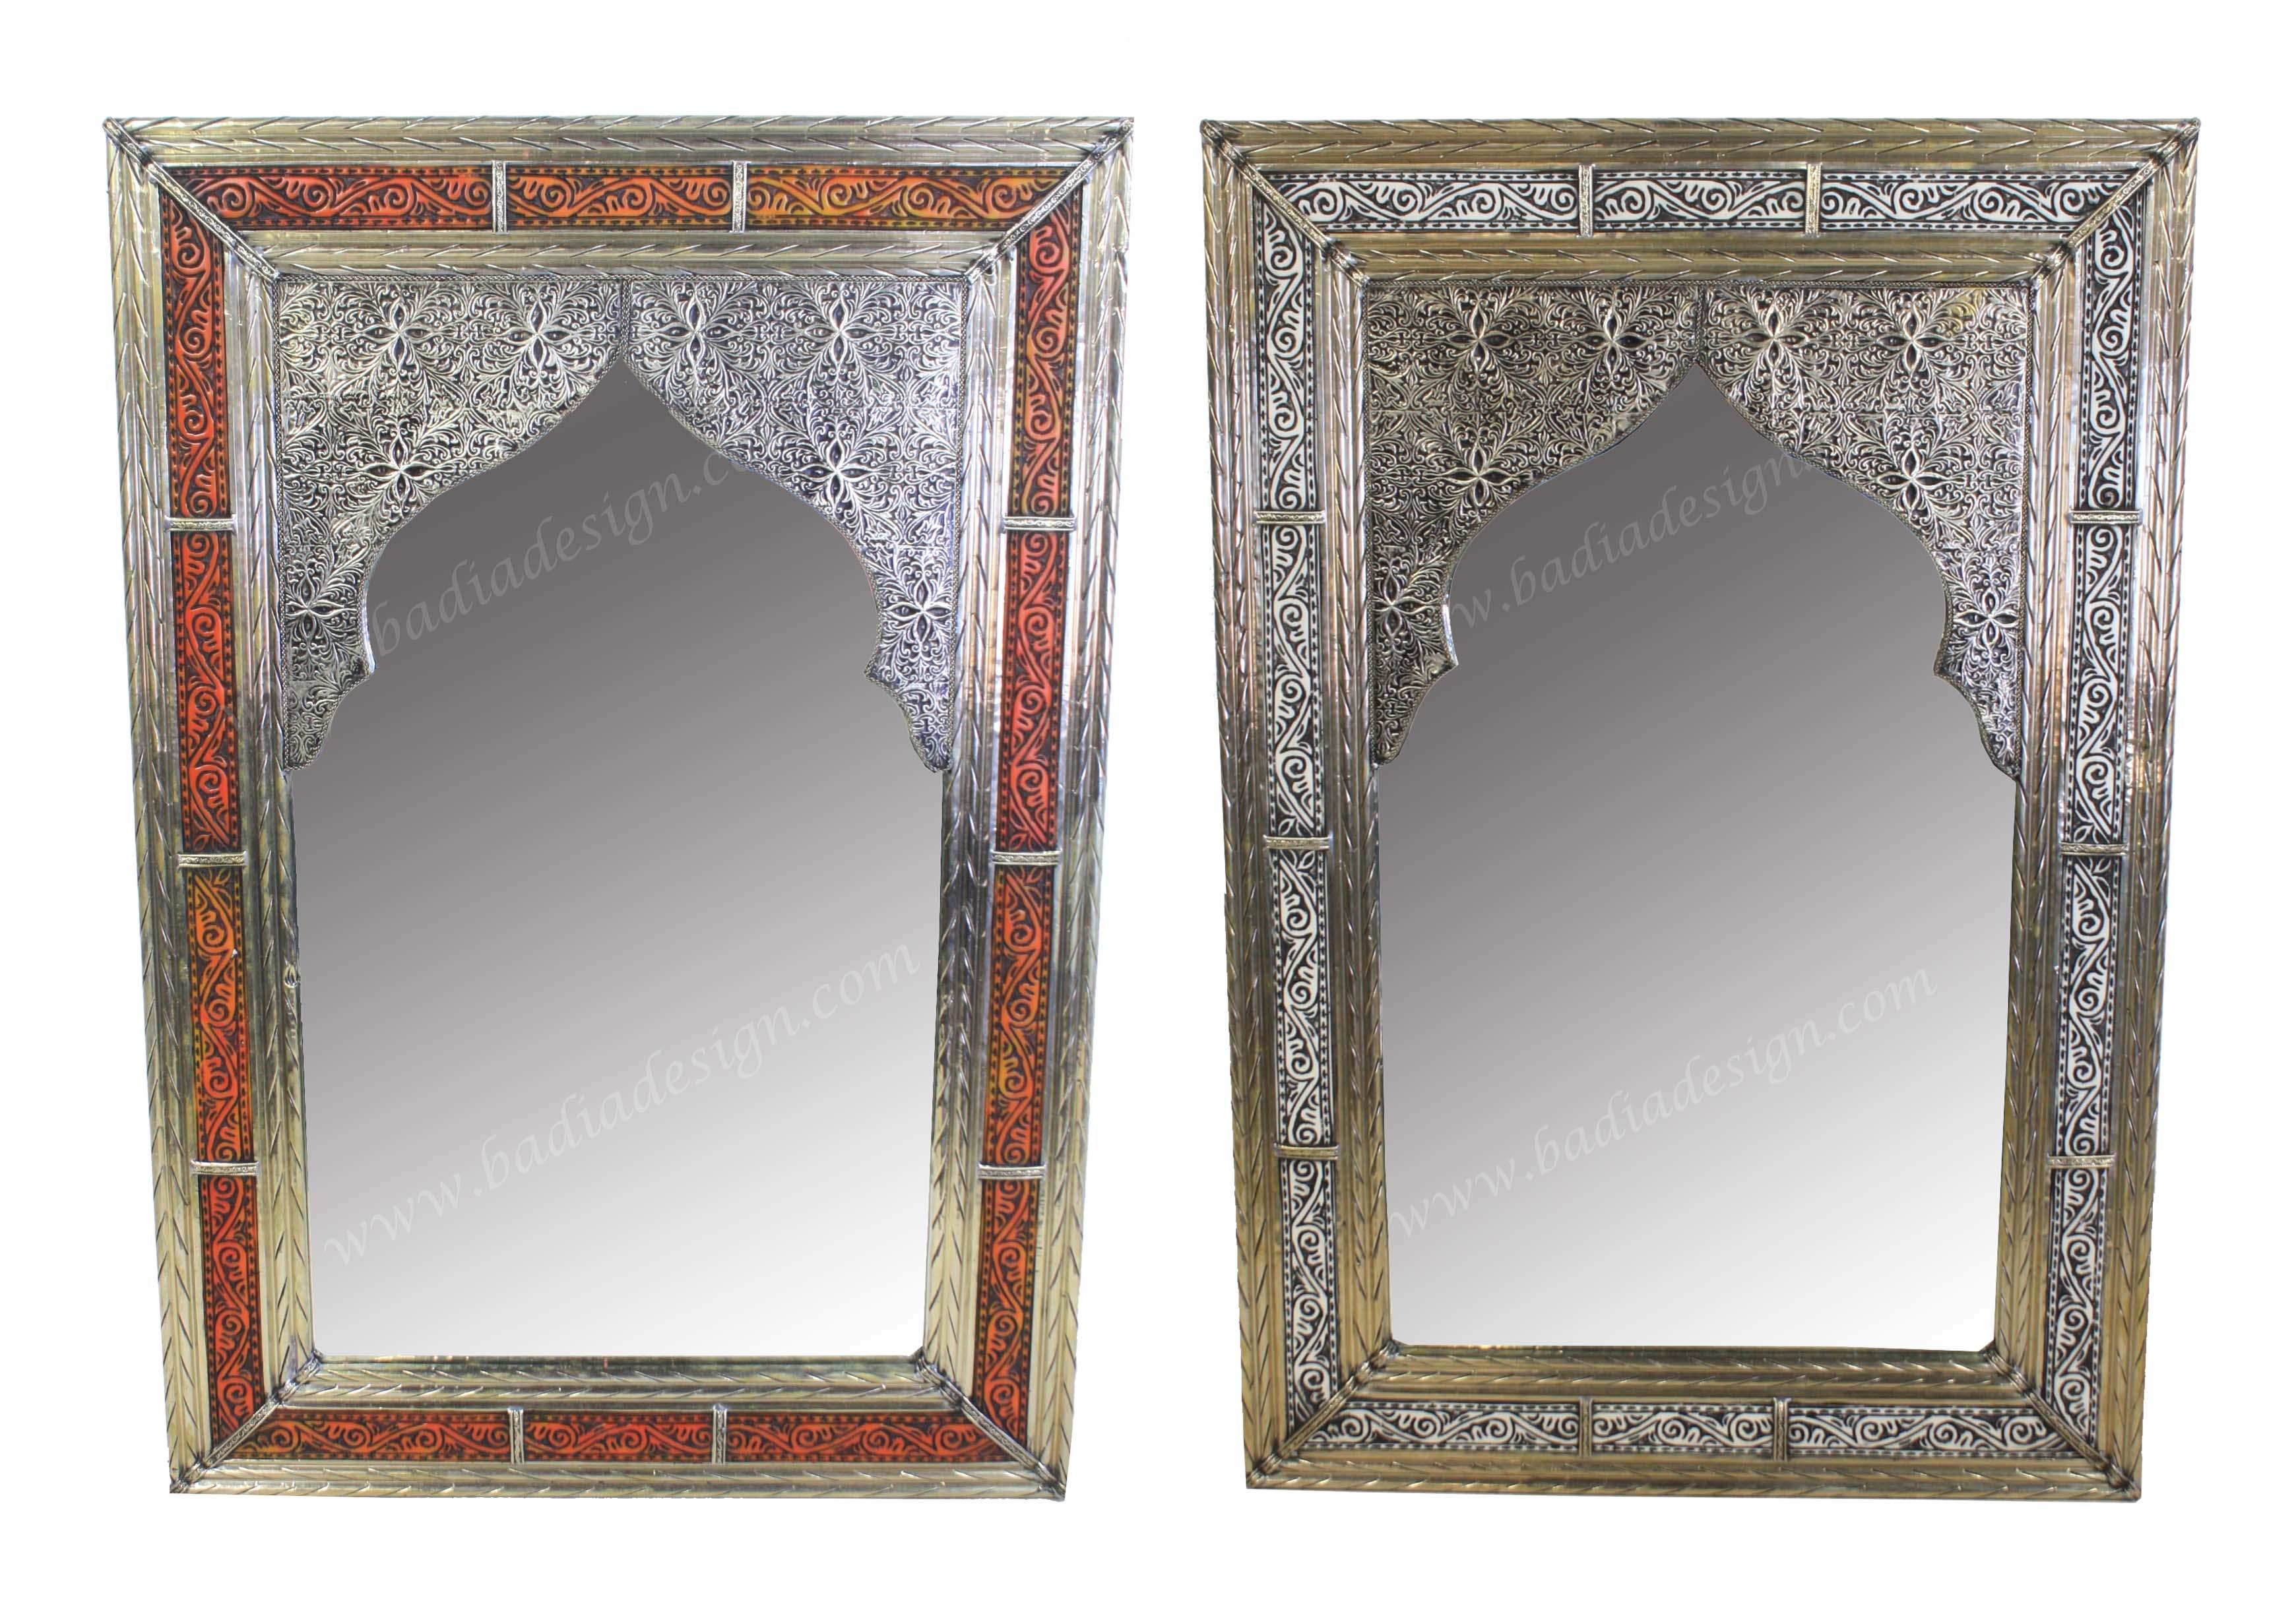 moroccan-camel-bone-mirror-los-angeles-m-mb070.jpg